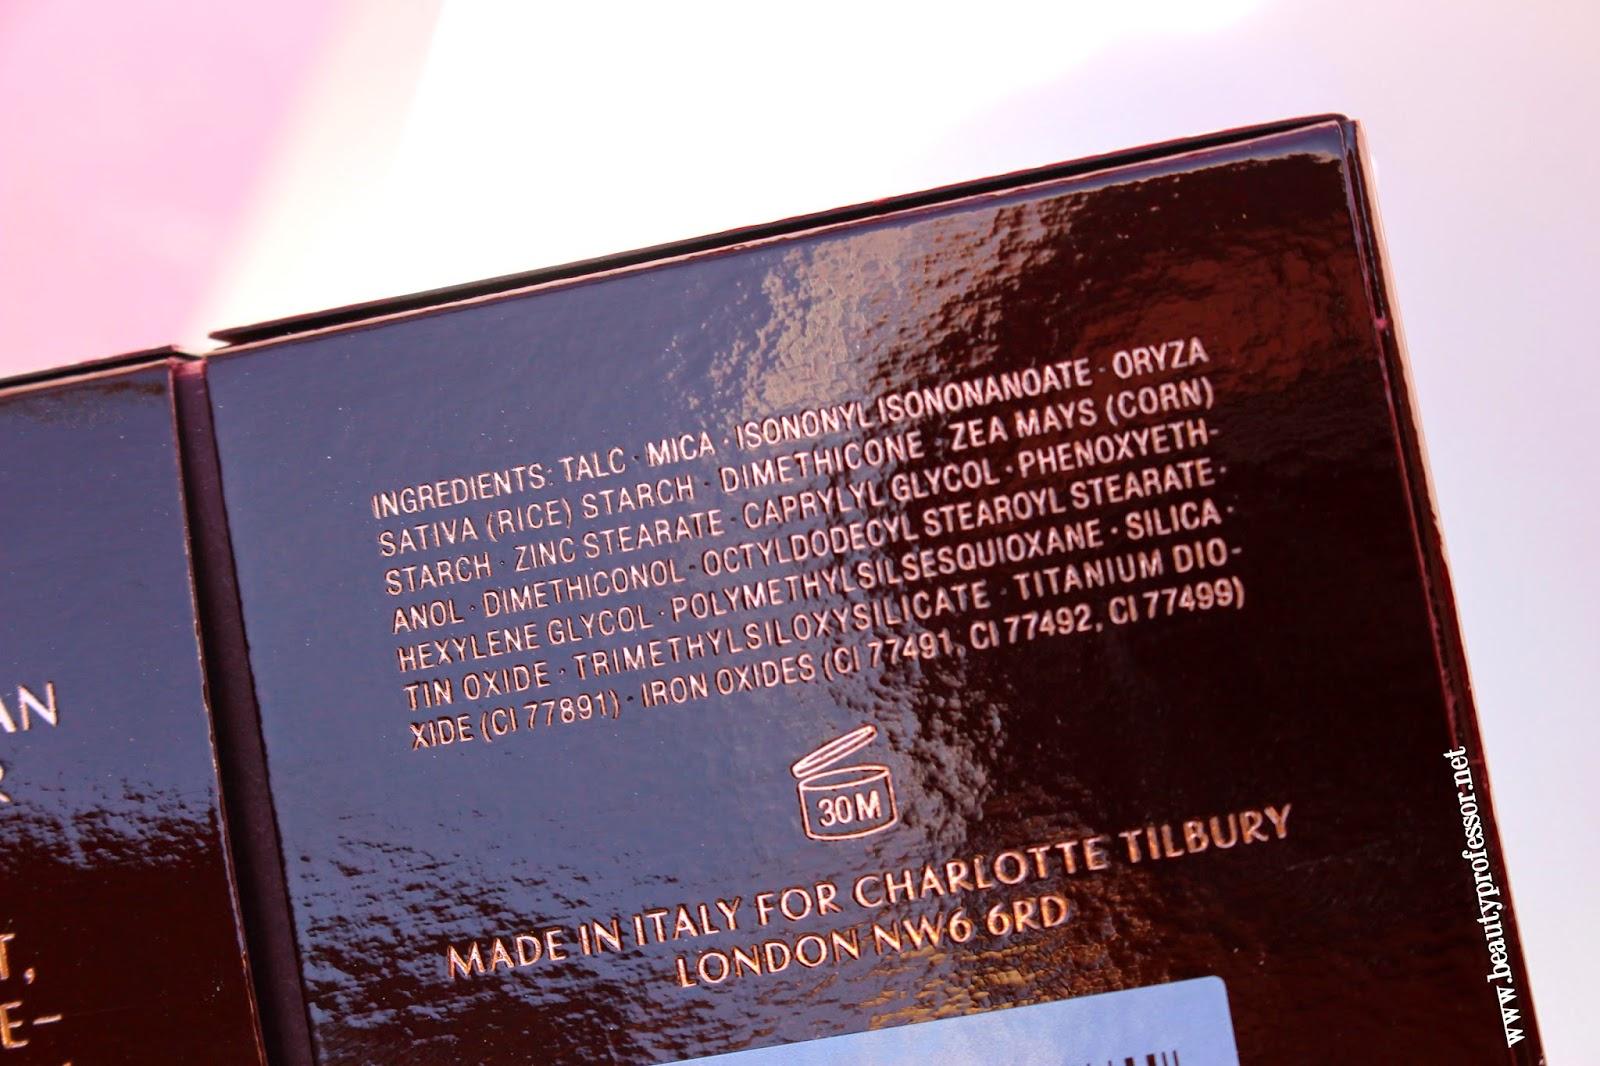 charlotte tilbury filmstar bronze and glow ingredients